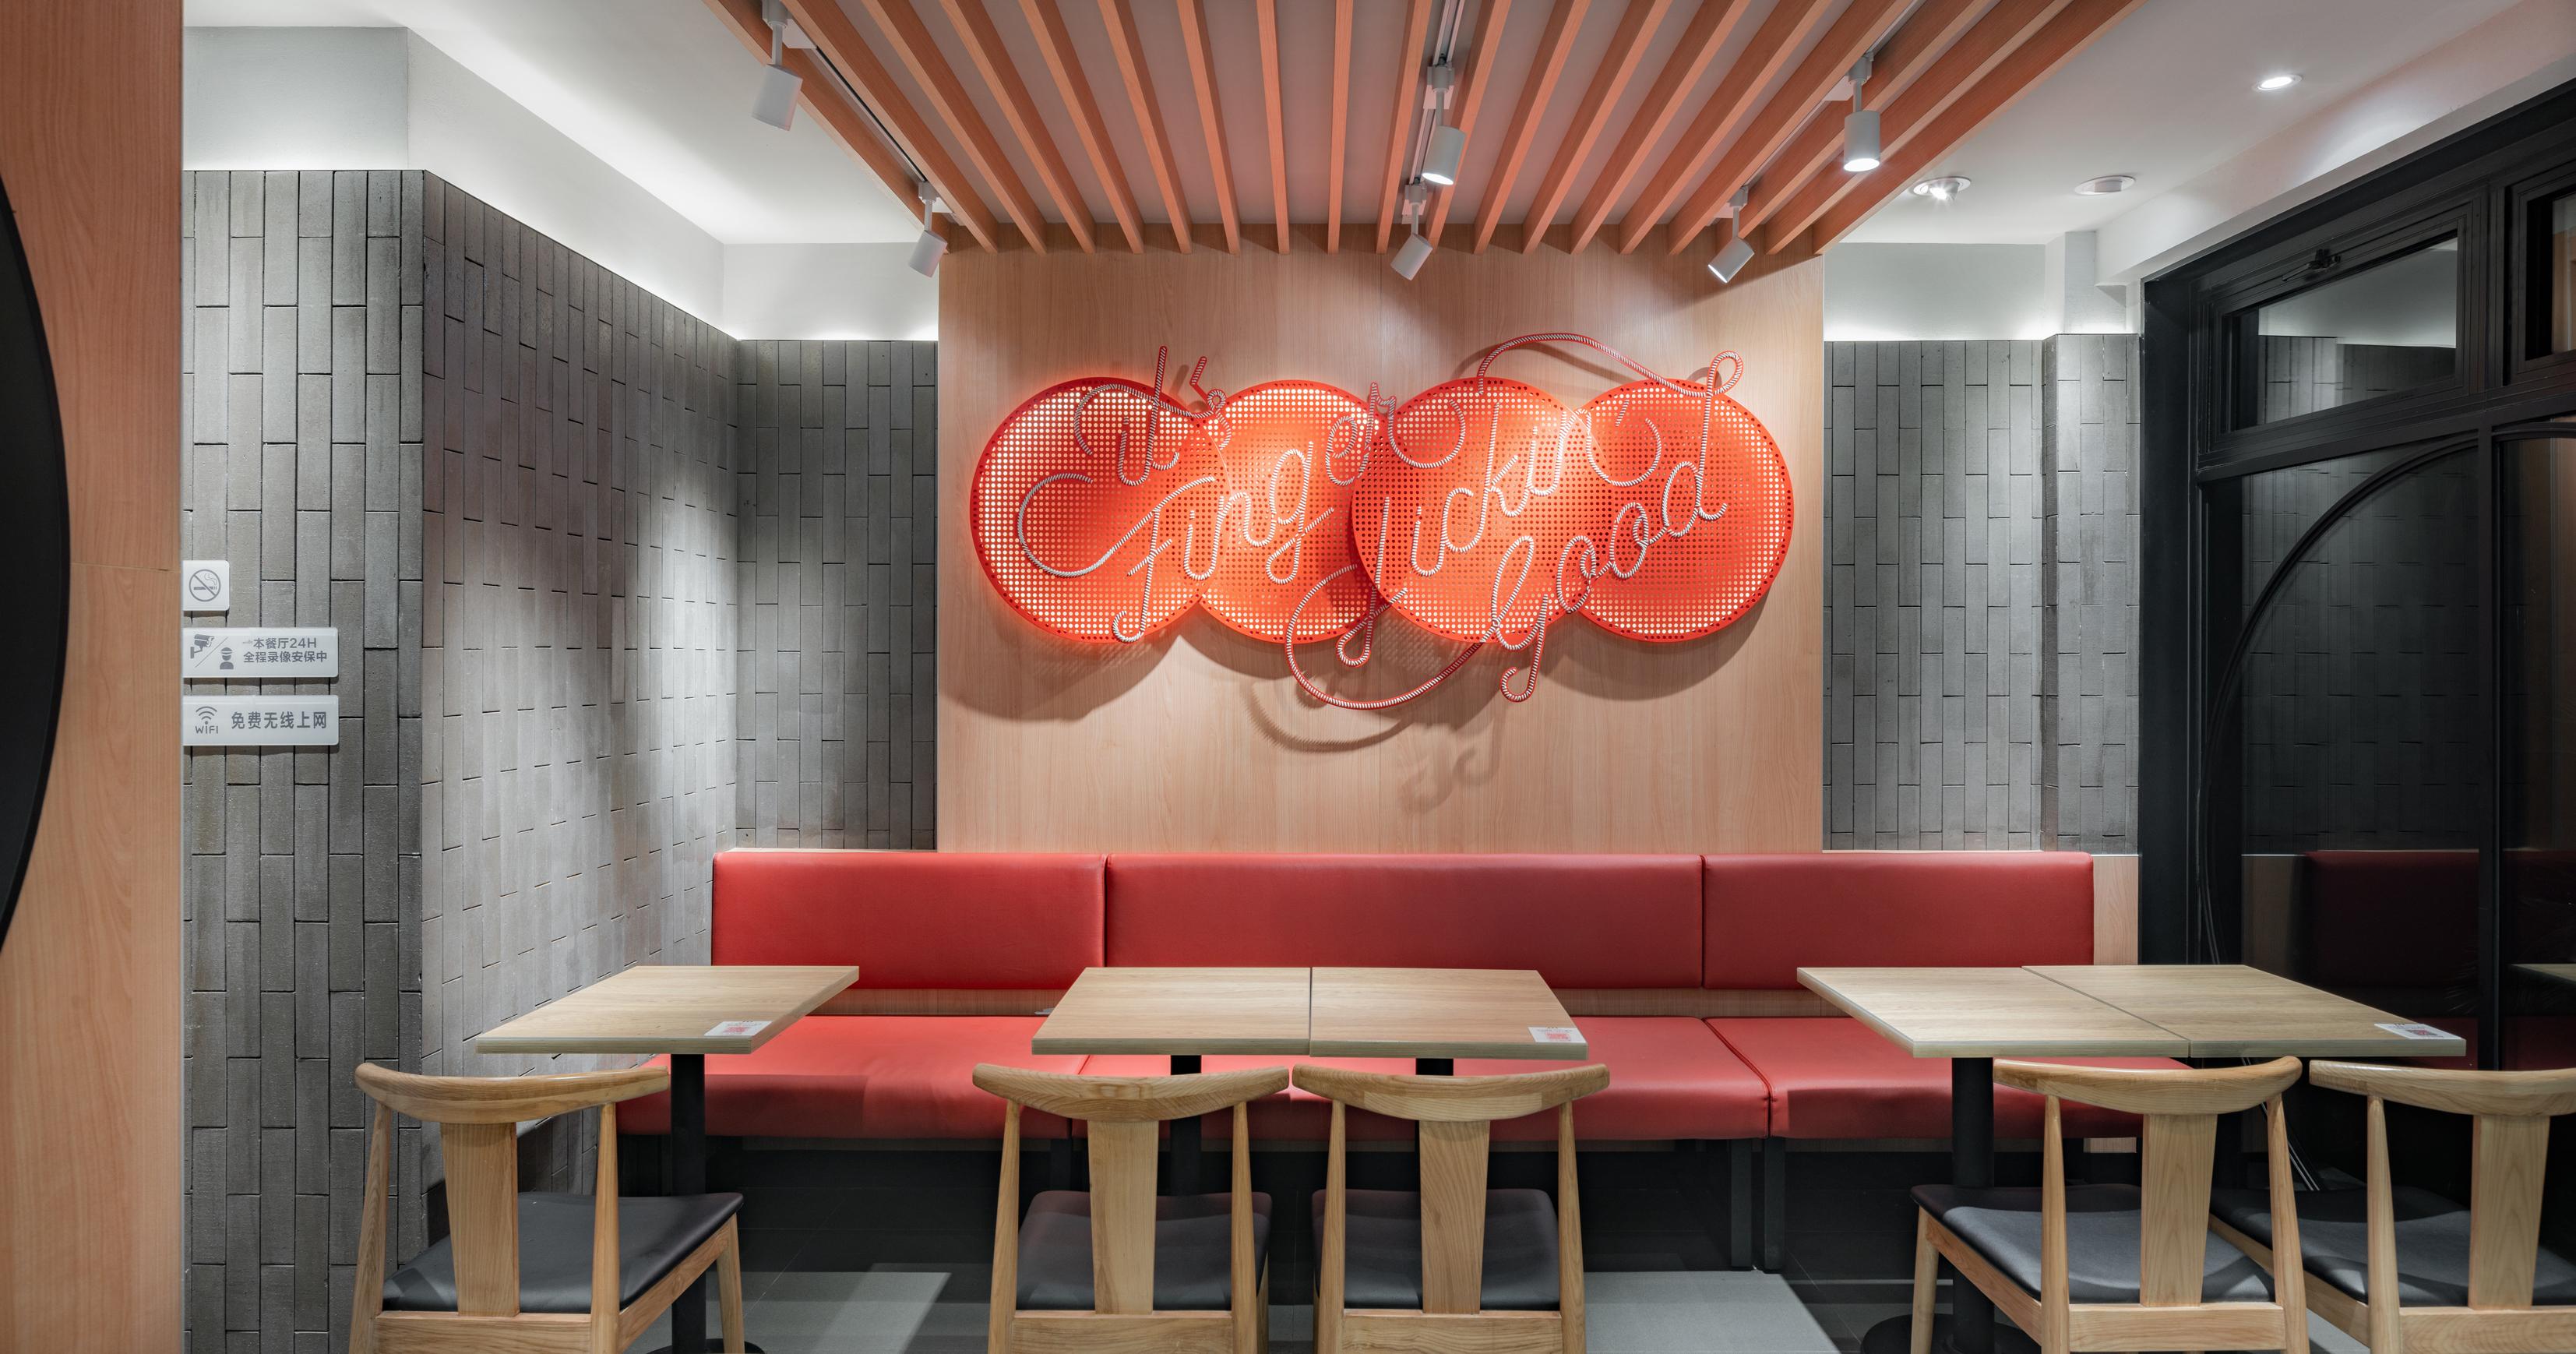 The Swimming Pool Studio Designs Chinese Garden-Inspired KFC in Suzhou